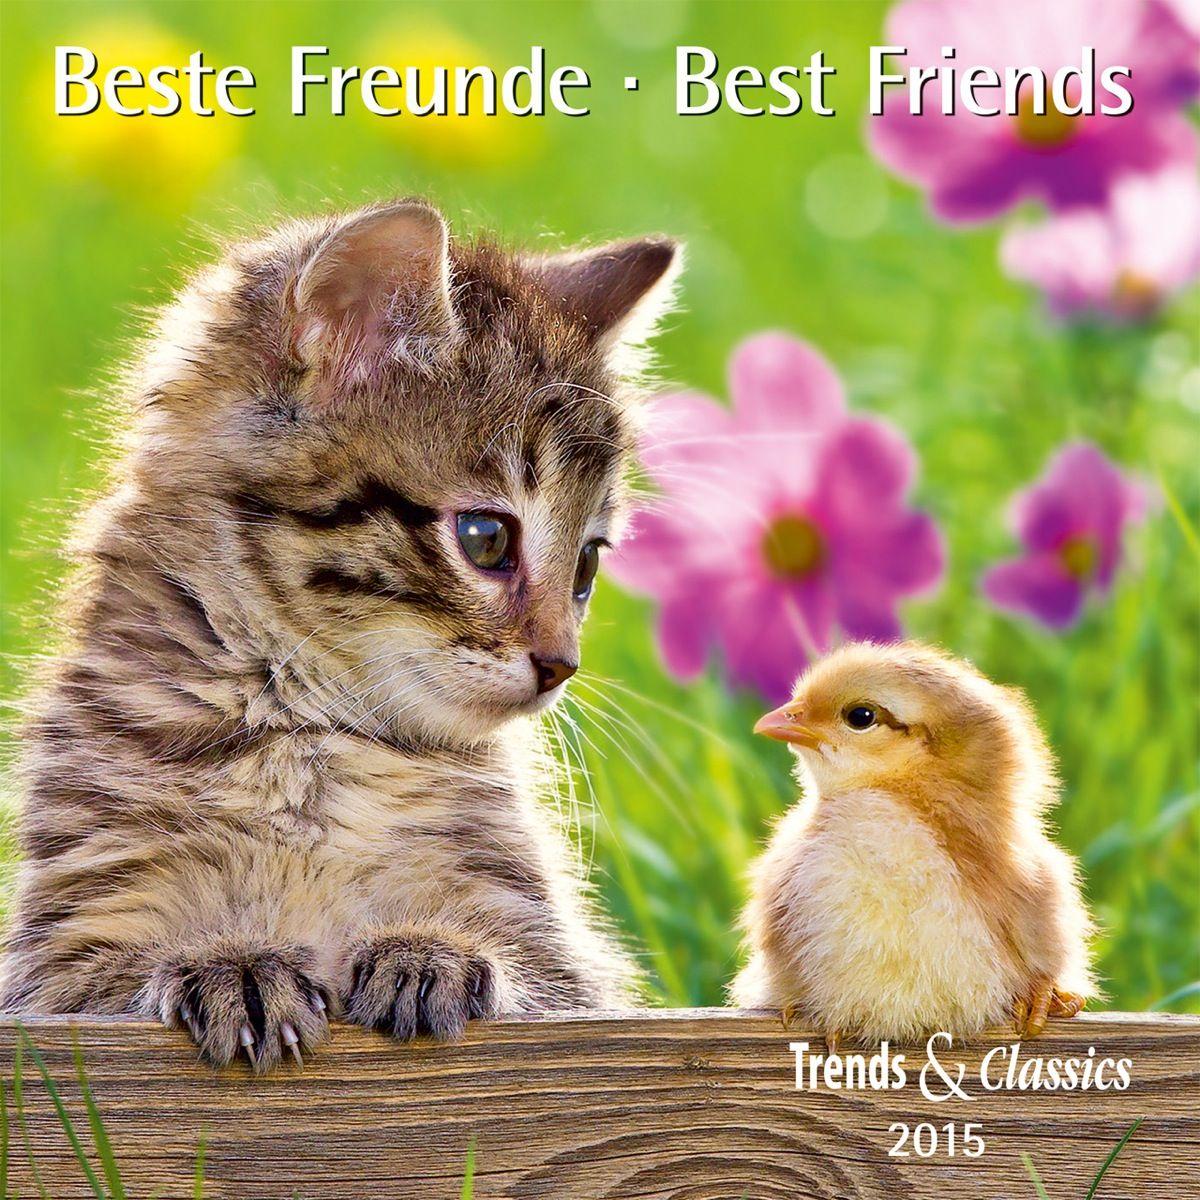 Beste Freunde 2015   Dumont Kalenderverlag: Kalender Shop - Unsere Kalender